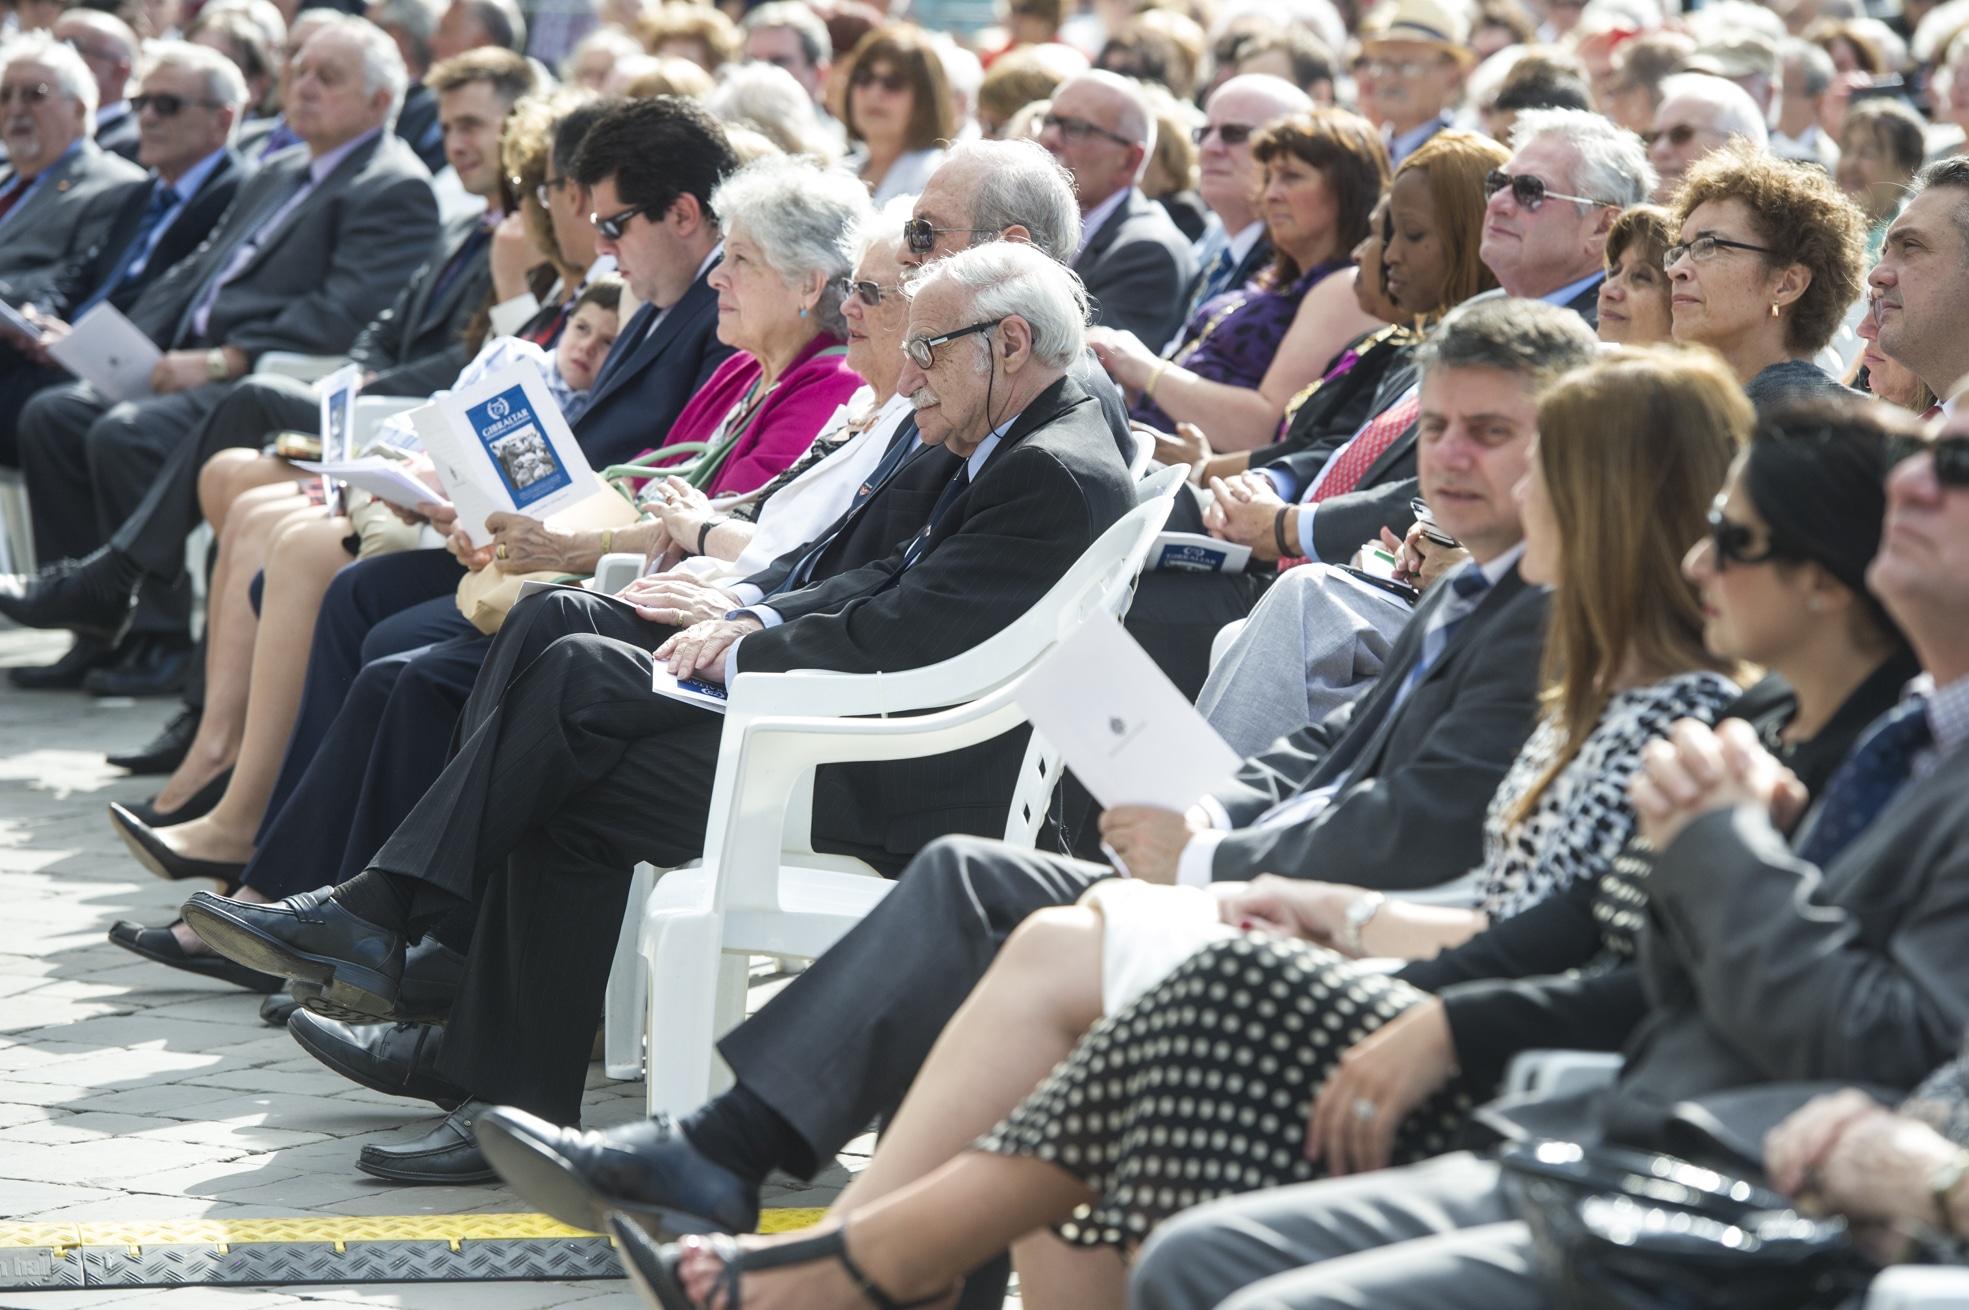 ceremonia-75-anos-evacuacion-gibraltar-22052015-27_17968784096_o